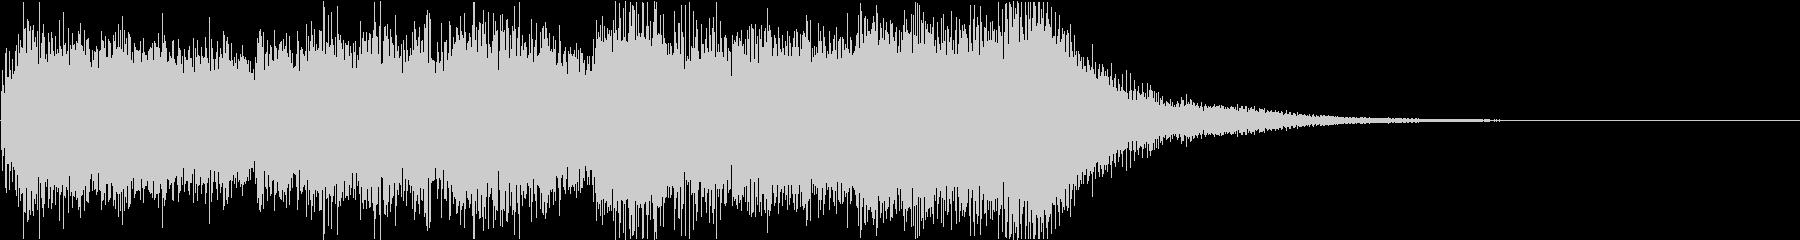 レベルアップファンファーレの未再生の波形